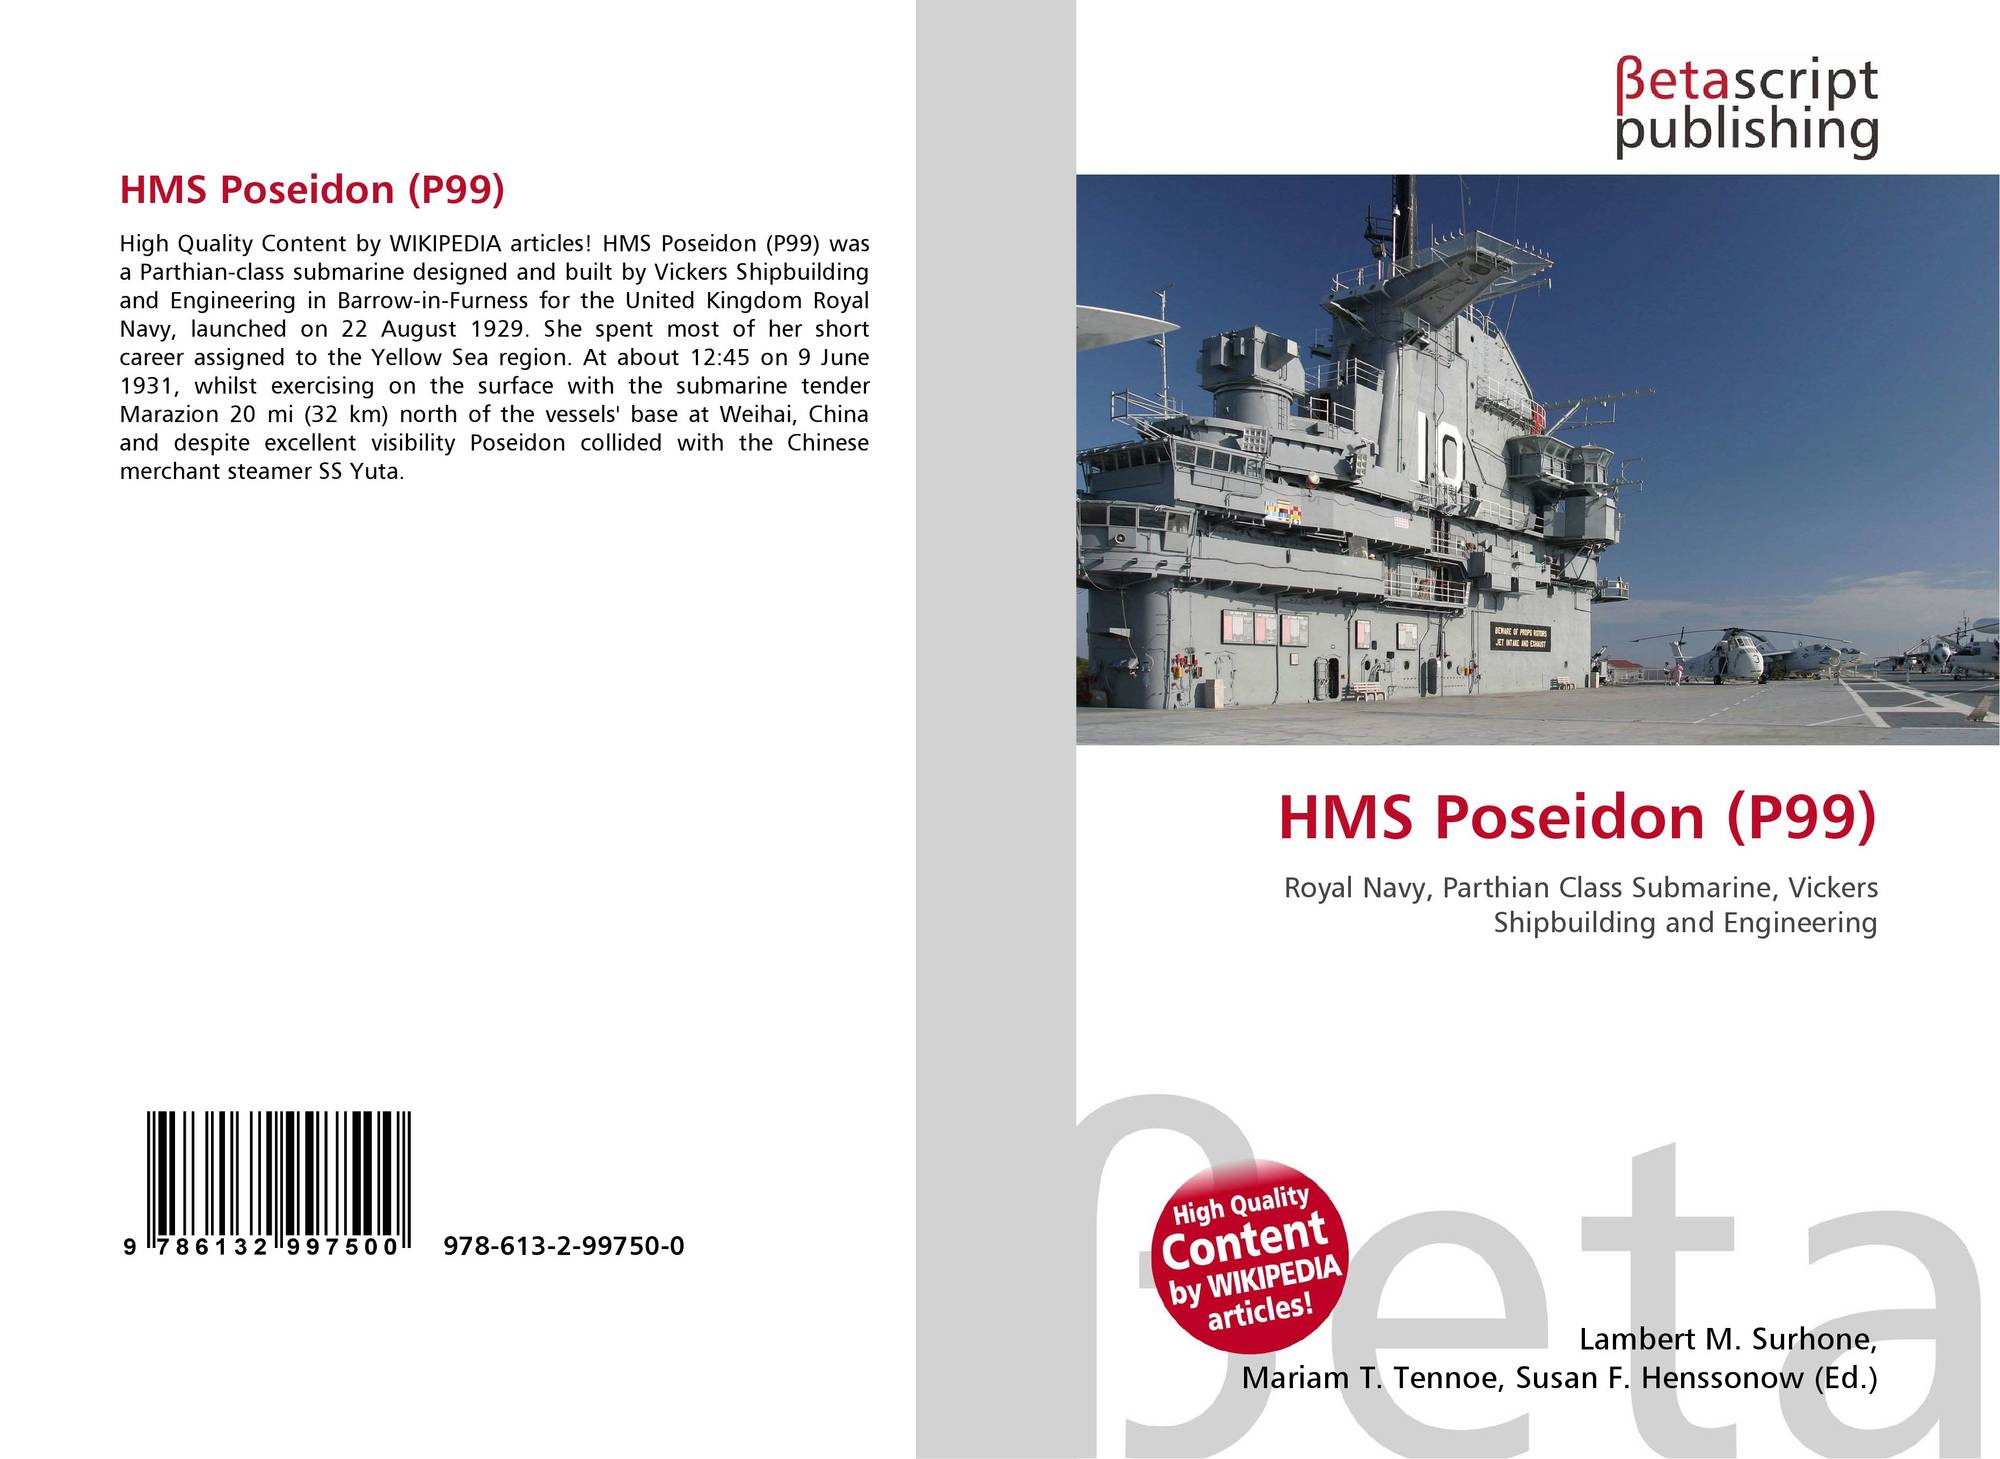 HMS Poseidon (P99), 978-613-2-99750-0, 6132997504 ,9786132997500